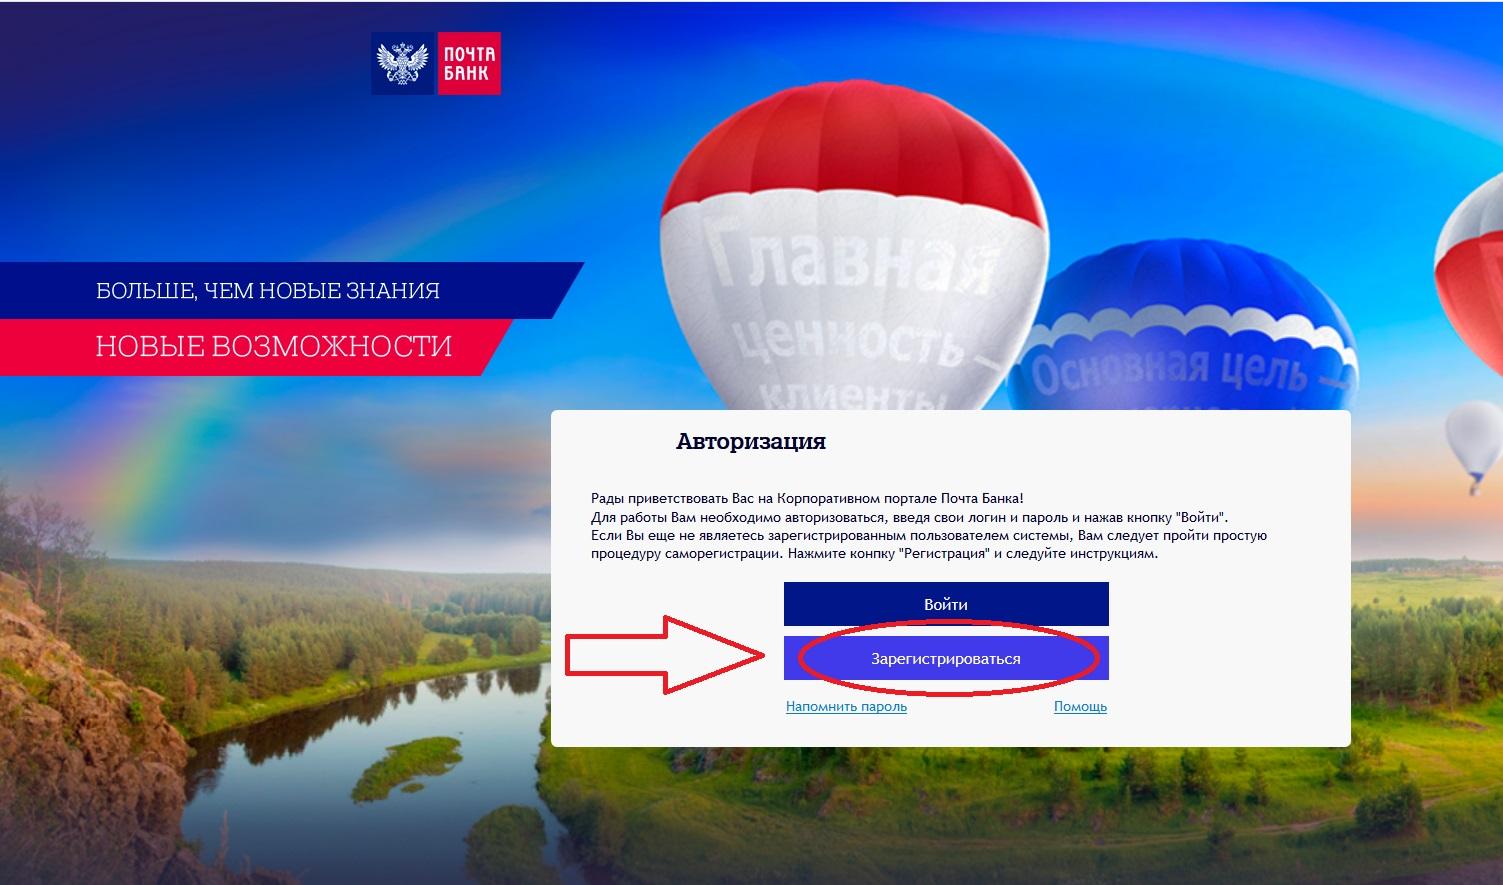 запросу почта банк для сотрудников почты россии вход тарелку